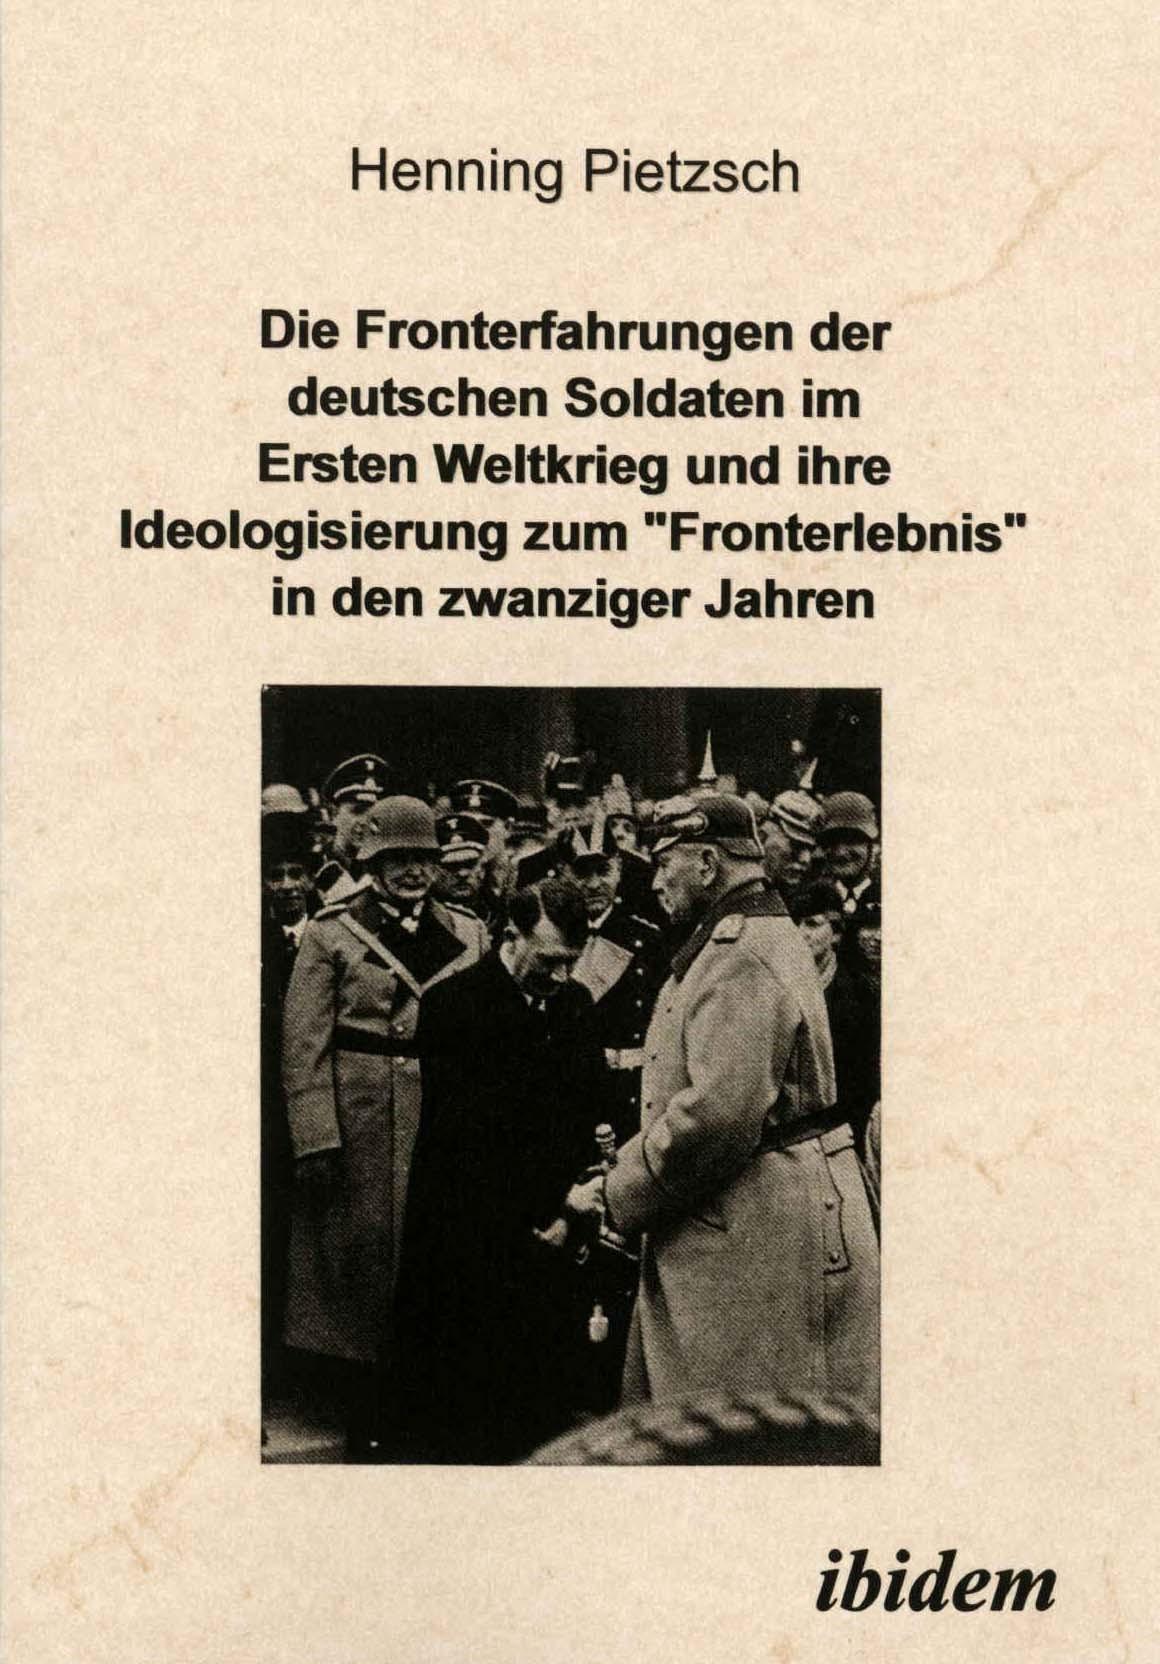 """Die Fronterfahrungen der deutschen Soldaten im Ersten Weltkrieg und ihre Ideologisierung zum """"Fronterlebnis"""" in den zwanziger Jahren"""